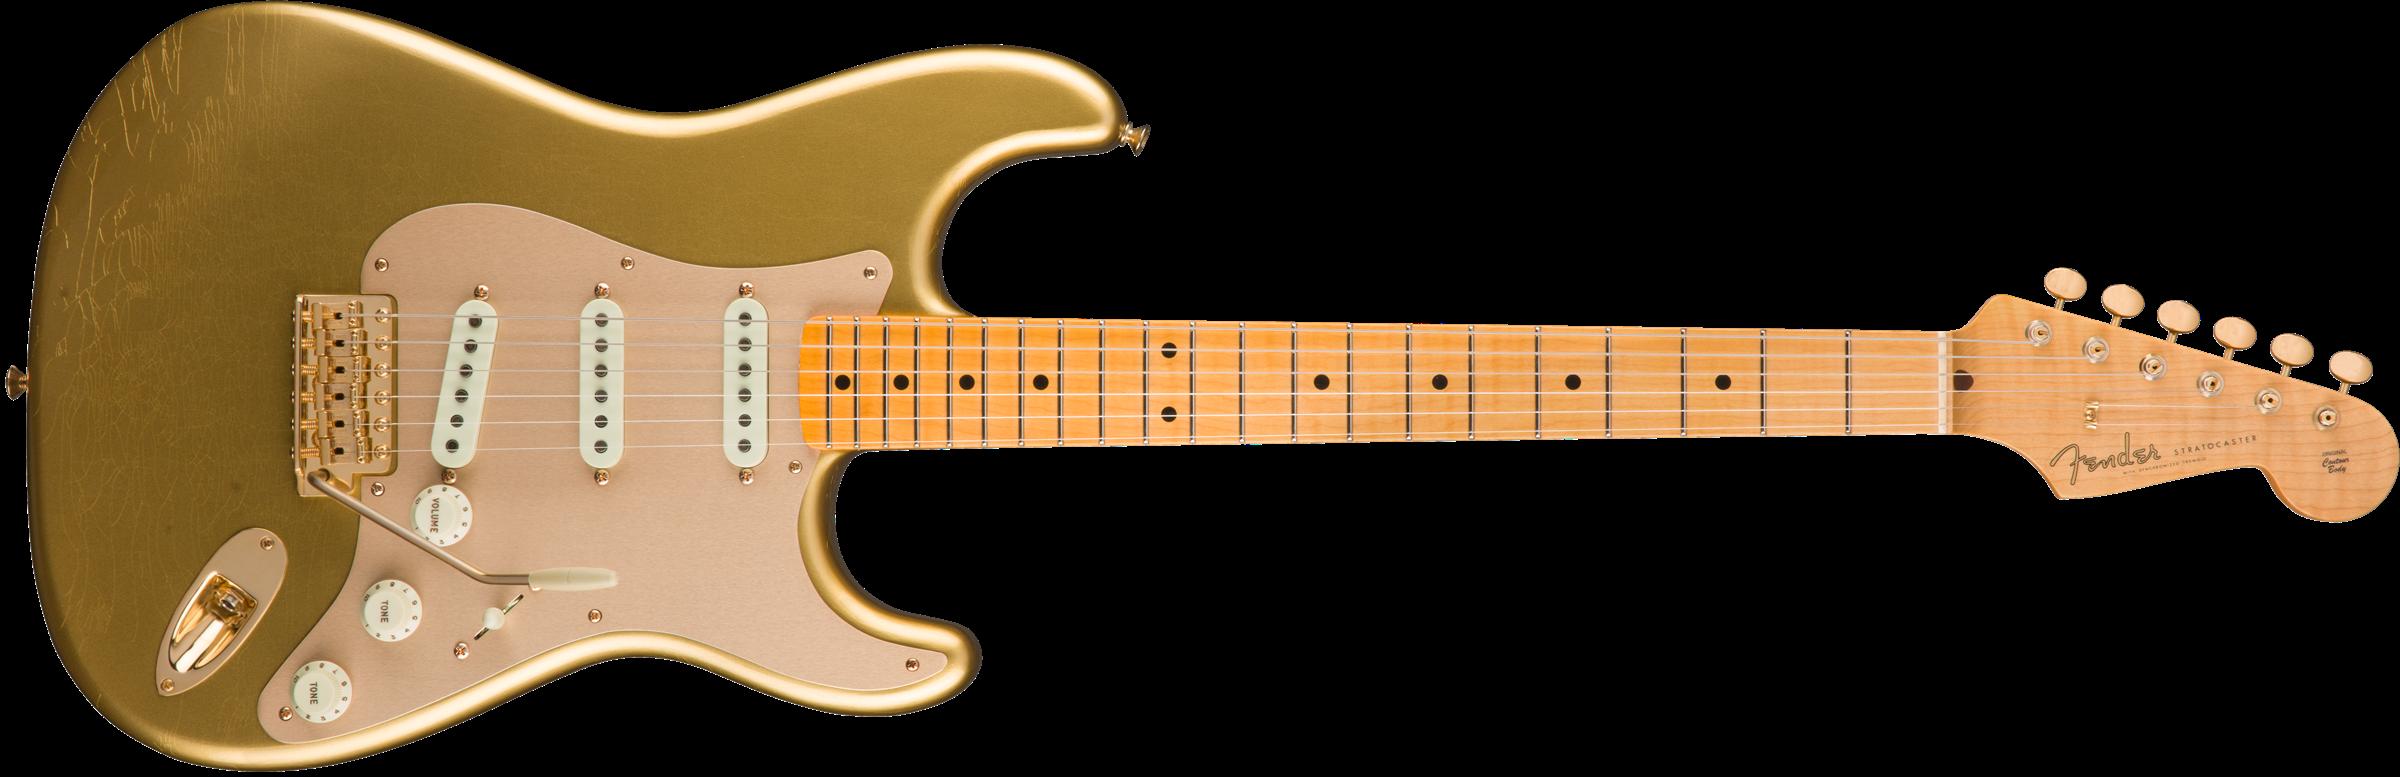 sss guitar wiring diagram guitar wiring basics